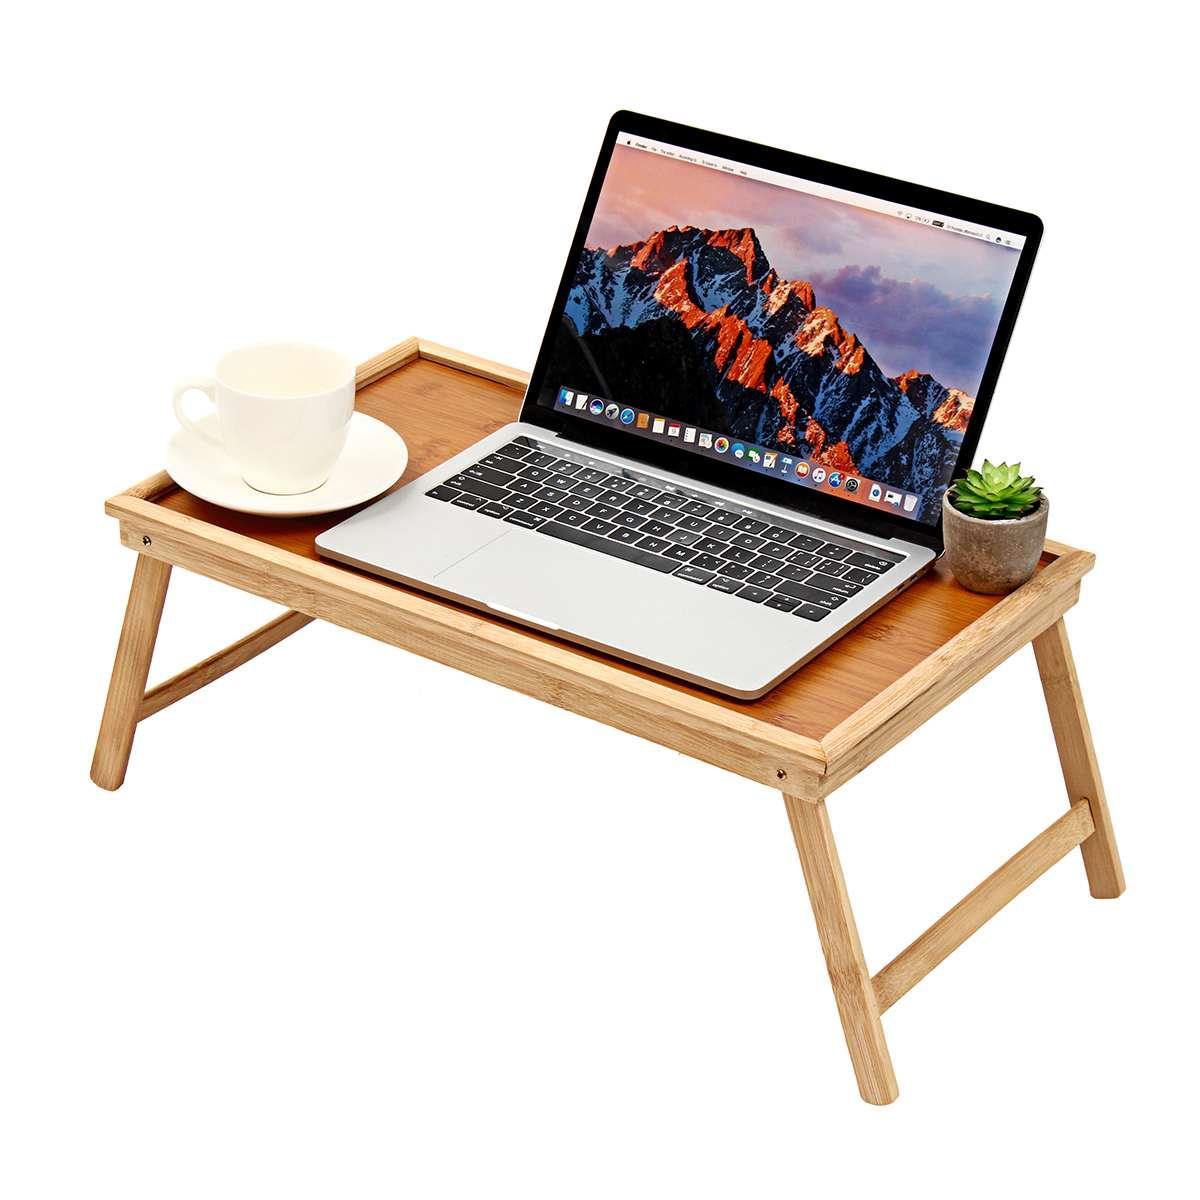 Portable 20 ''bambou bureau d'ordinateur Portable plateau de service ordinateur Portable porte-table ordinateur bureaux étudiant maison bureau meubles pliable